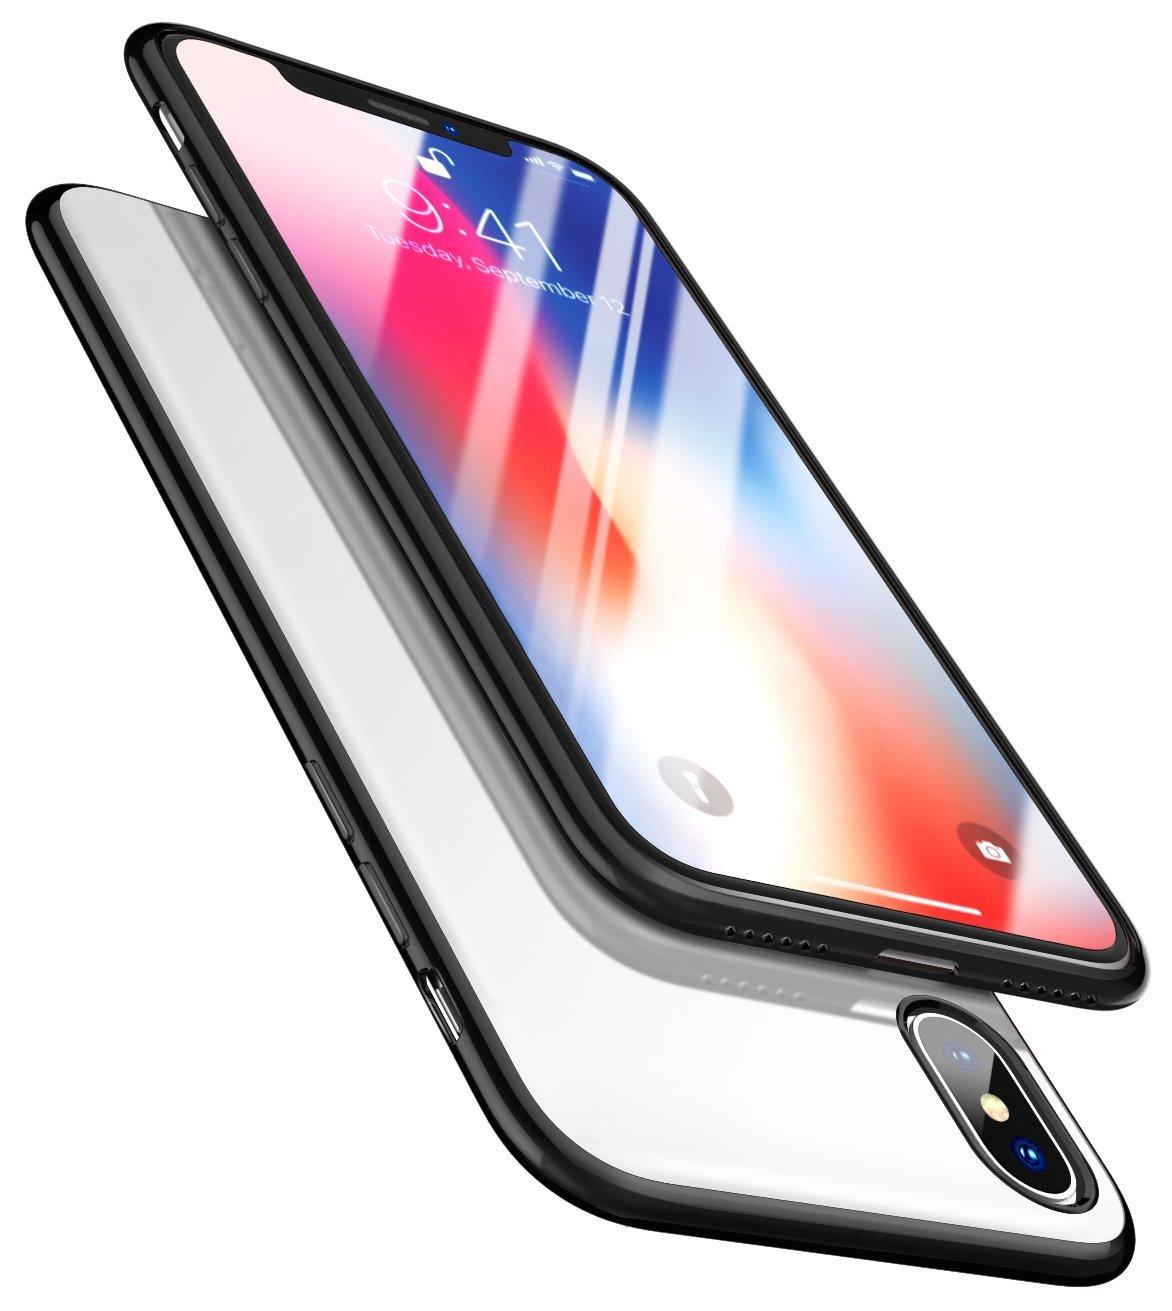 MoKo Mỹ MoKo Apple iPhone vỏ điện thoại di động x iPhoneX / iPhone10 bộ bảo vệ vỏ táo x khinh bạc Ph